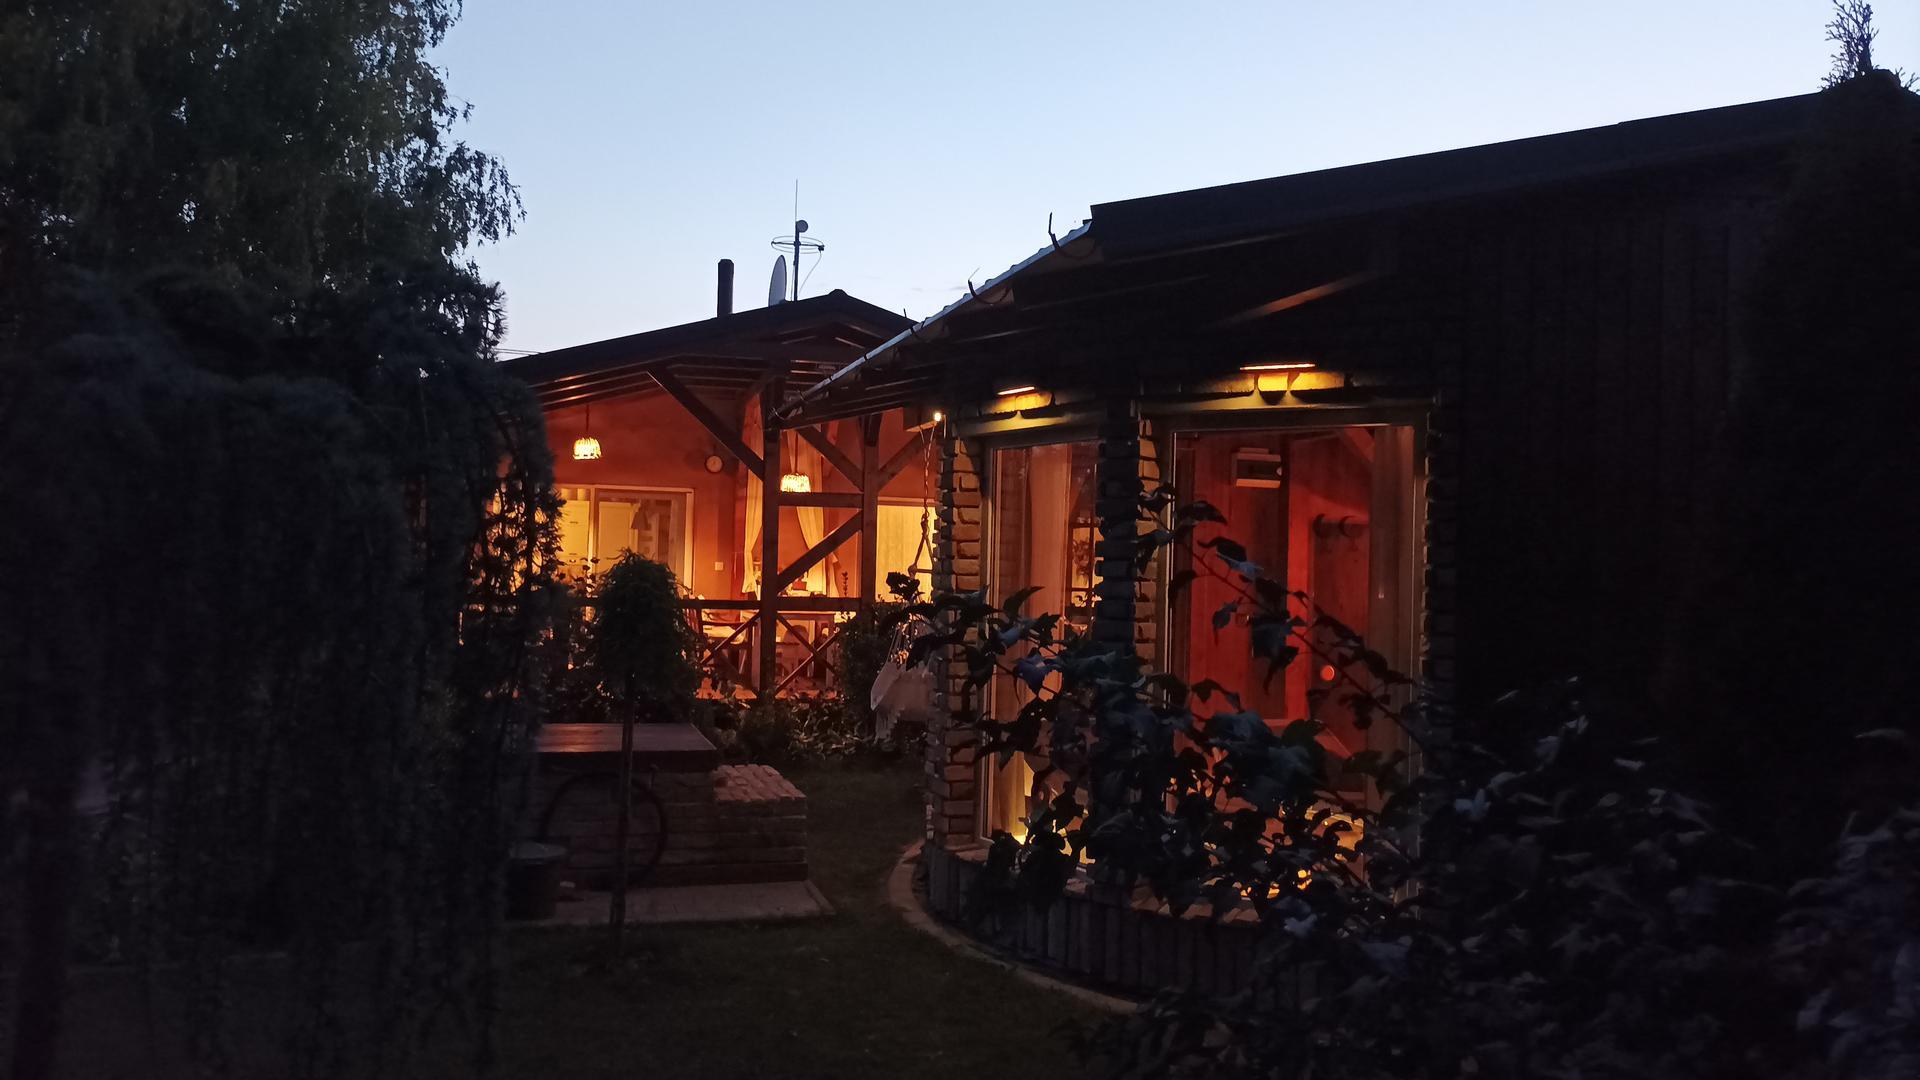 Relaxačný domček sauna a oddychová miestnosť ... plány, príprava a realizácia - Obrázok č. 368